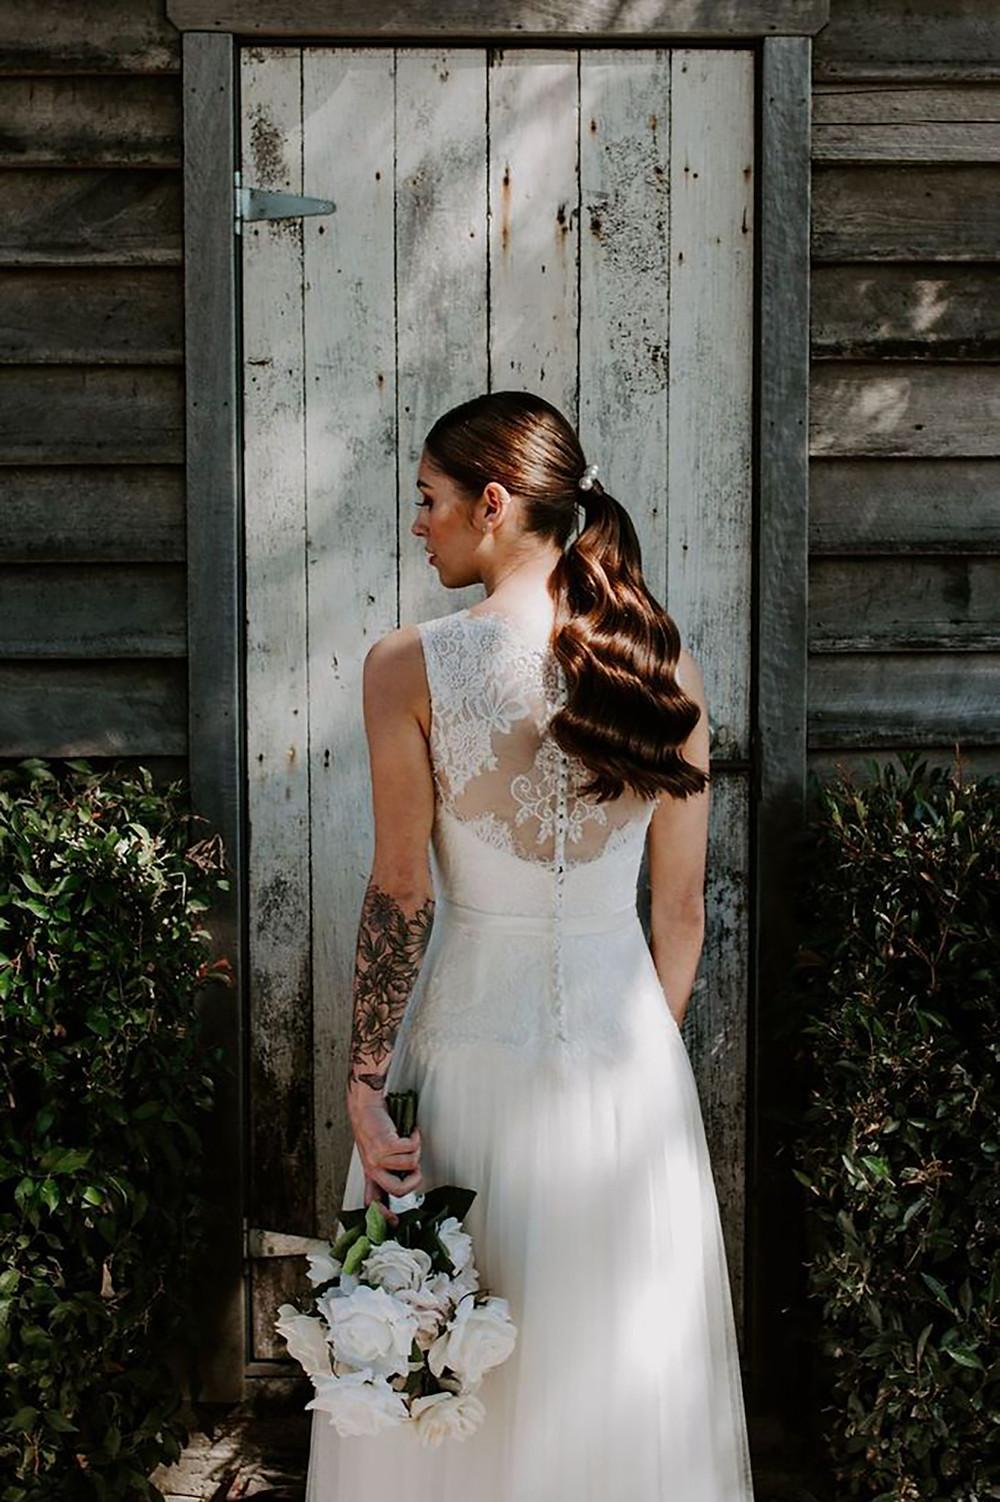 Sapphire Coast wedding Hairdresser - Bridal Hairstylist - Jodie Day